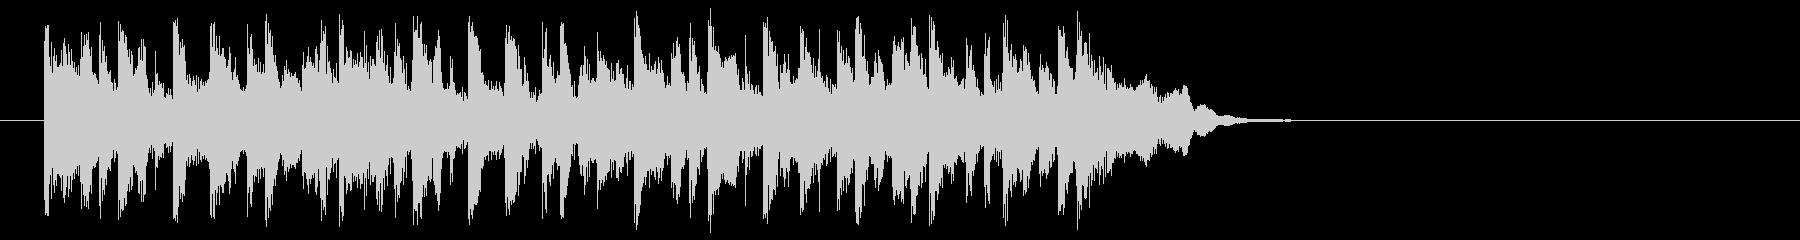 大人のポップ/ボサノバ(サビ)の未再生の波形